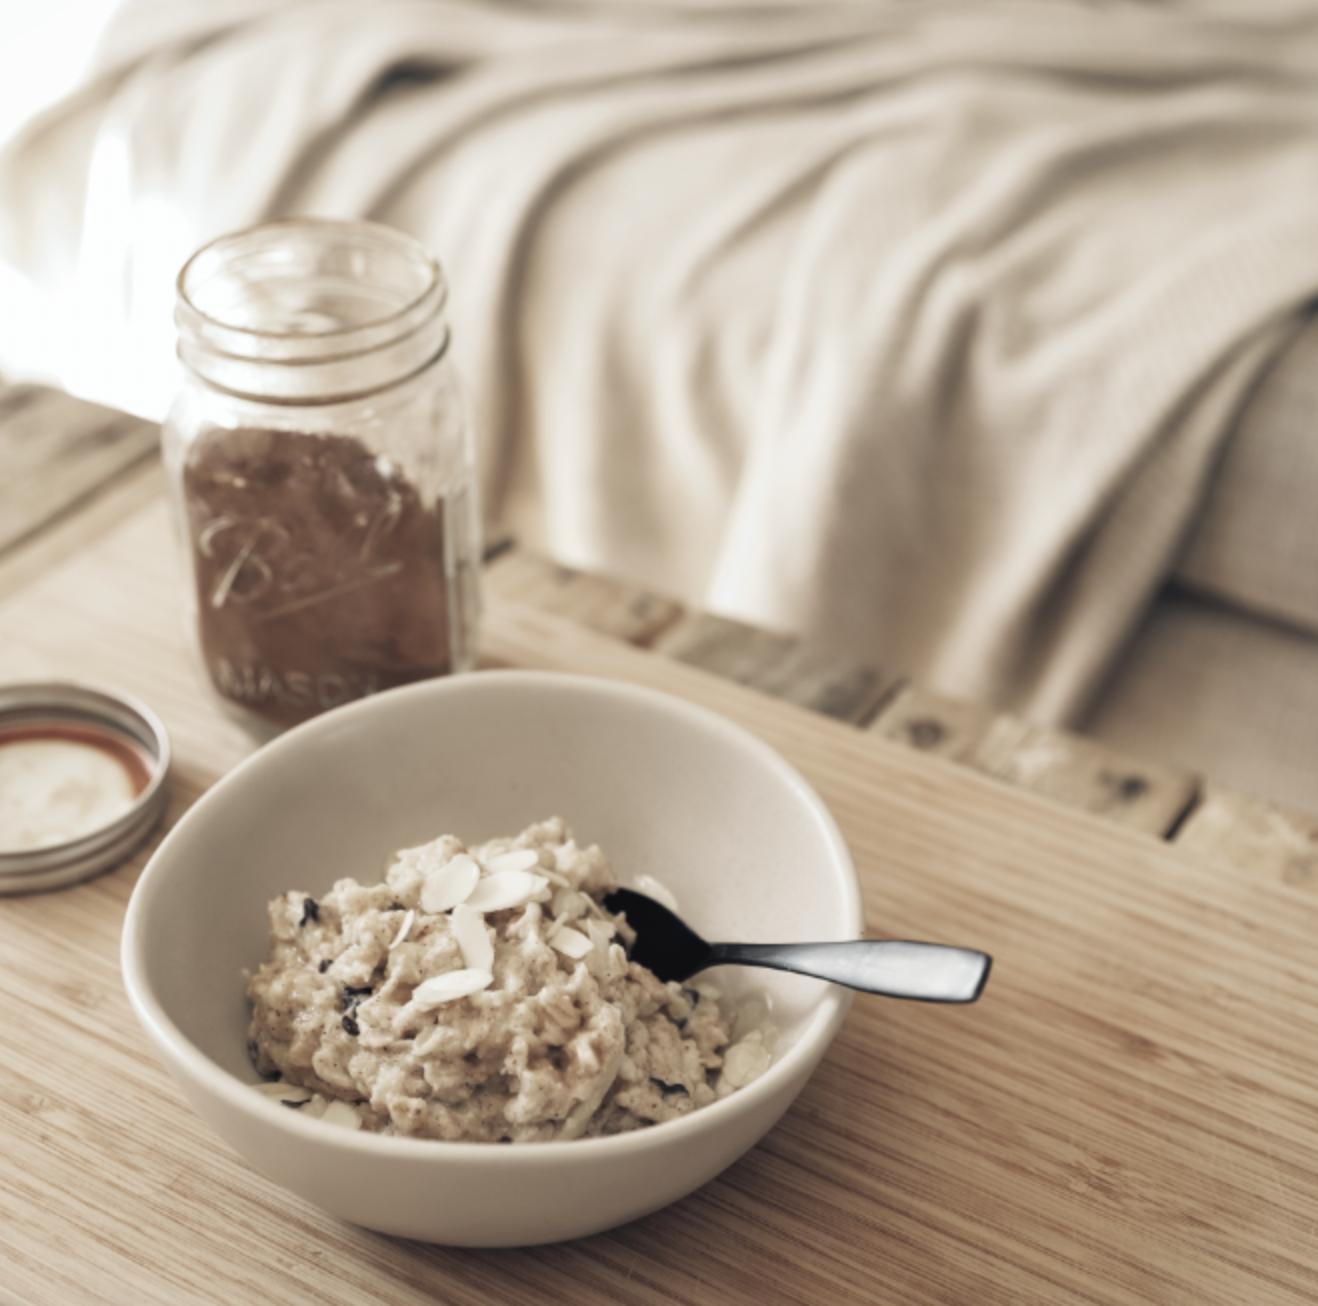 Breakfast: Protein Oats